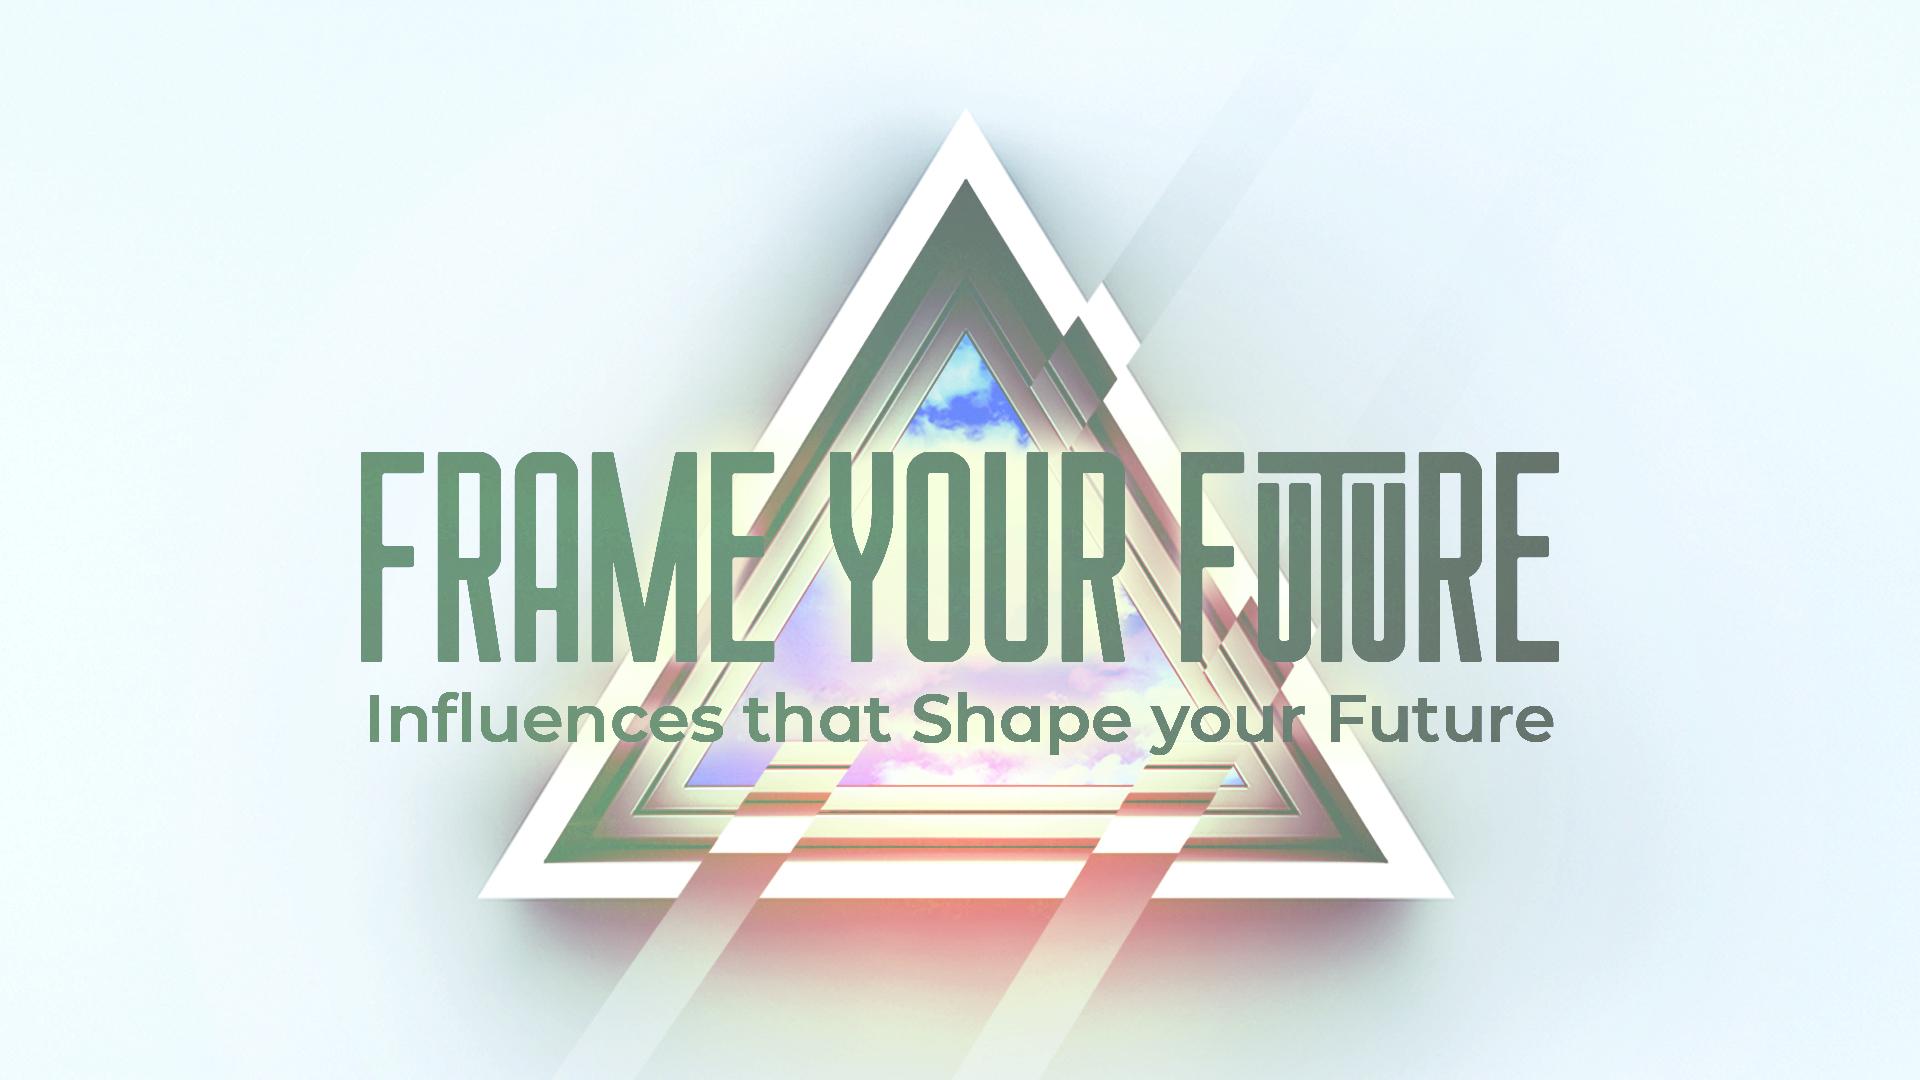 Frame Your Future Sermon Slide 1.jpg